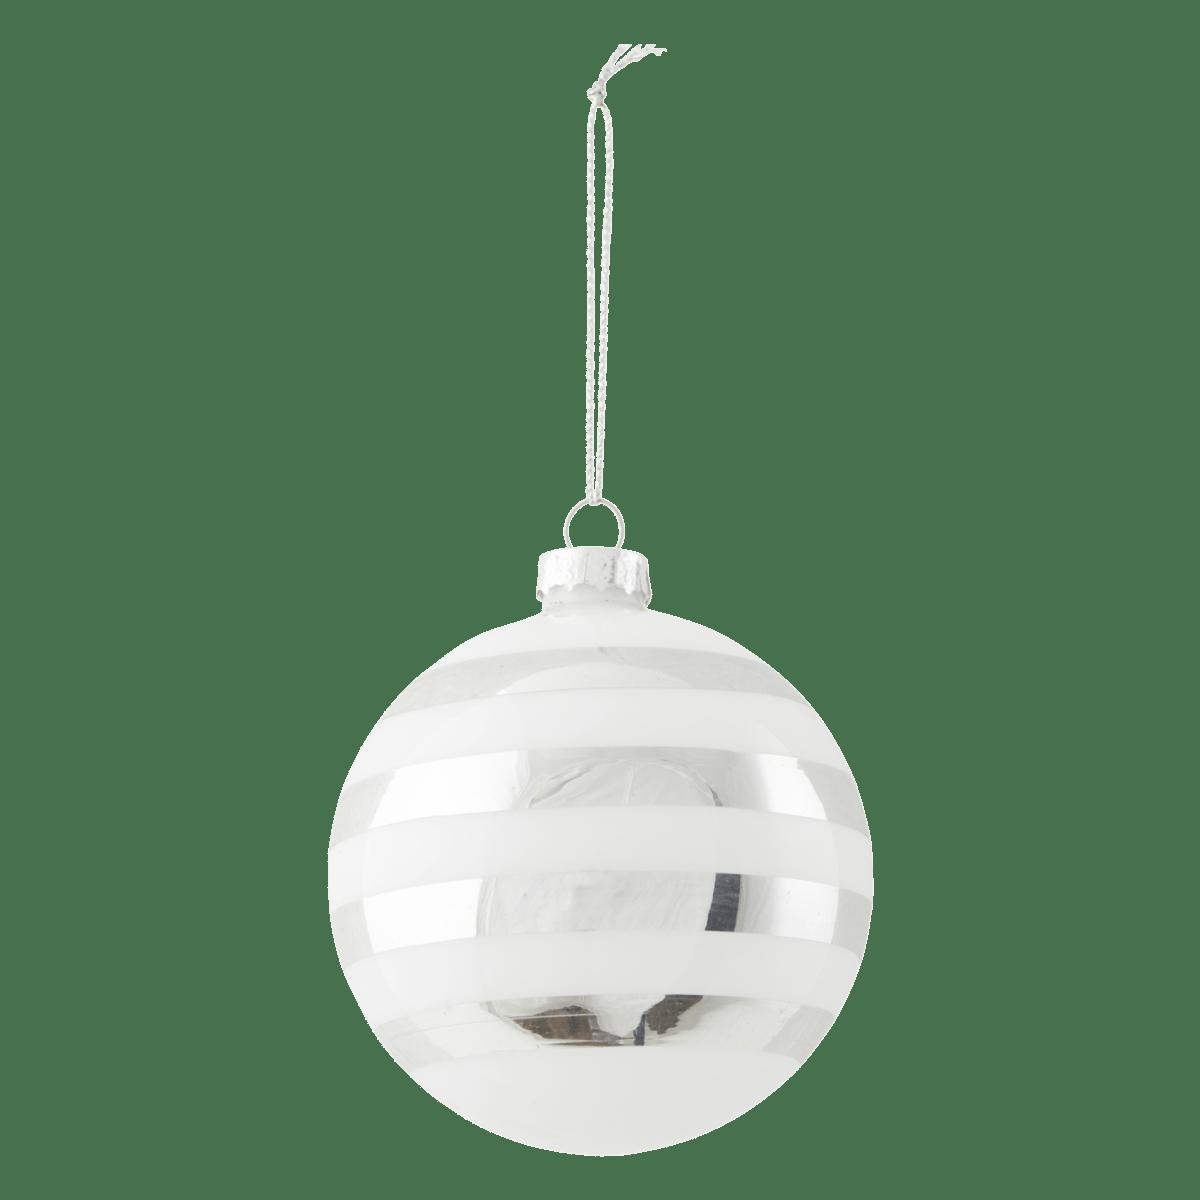 Stříbrná dekorační baňka Stribe